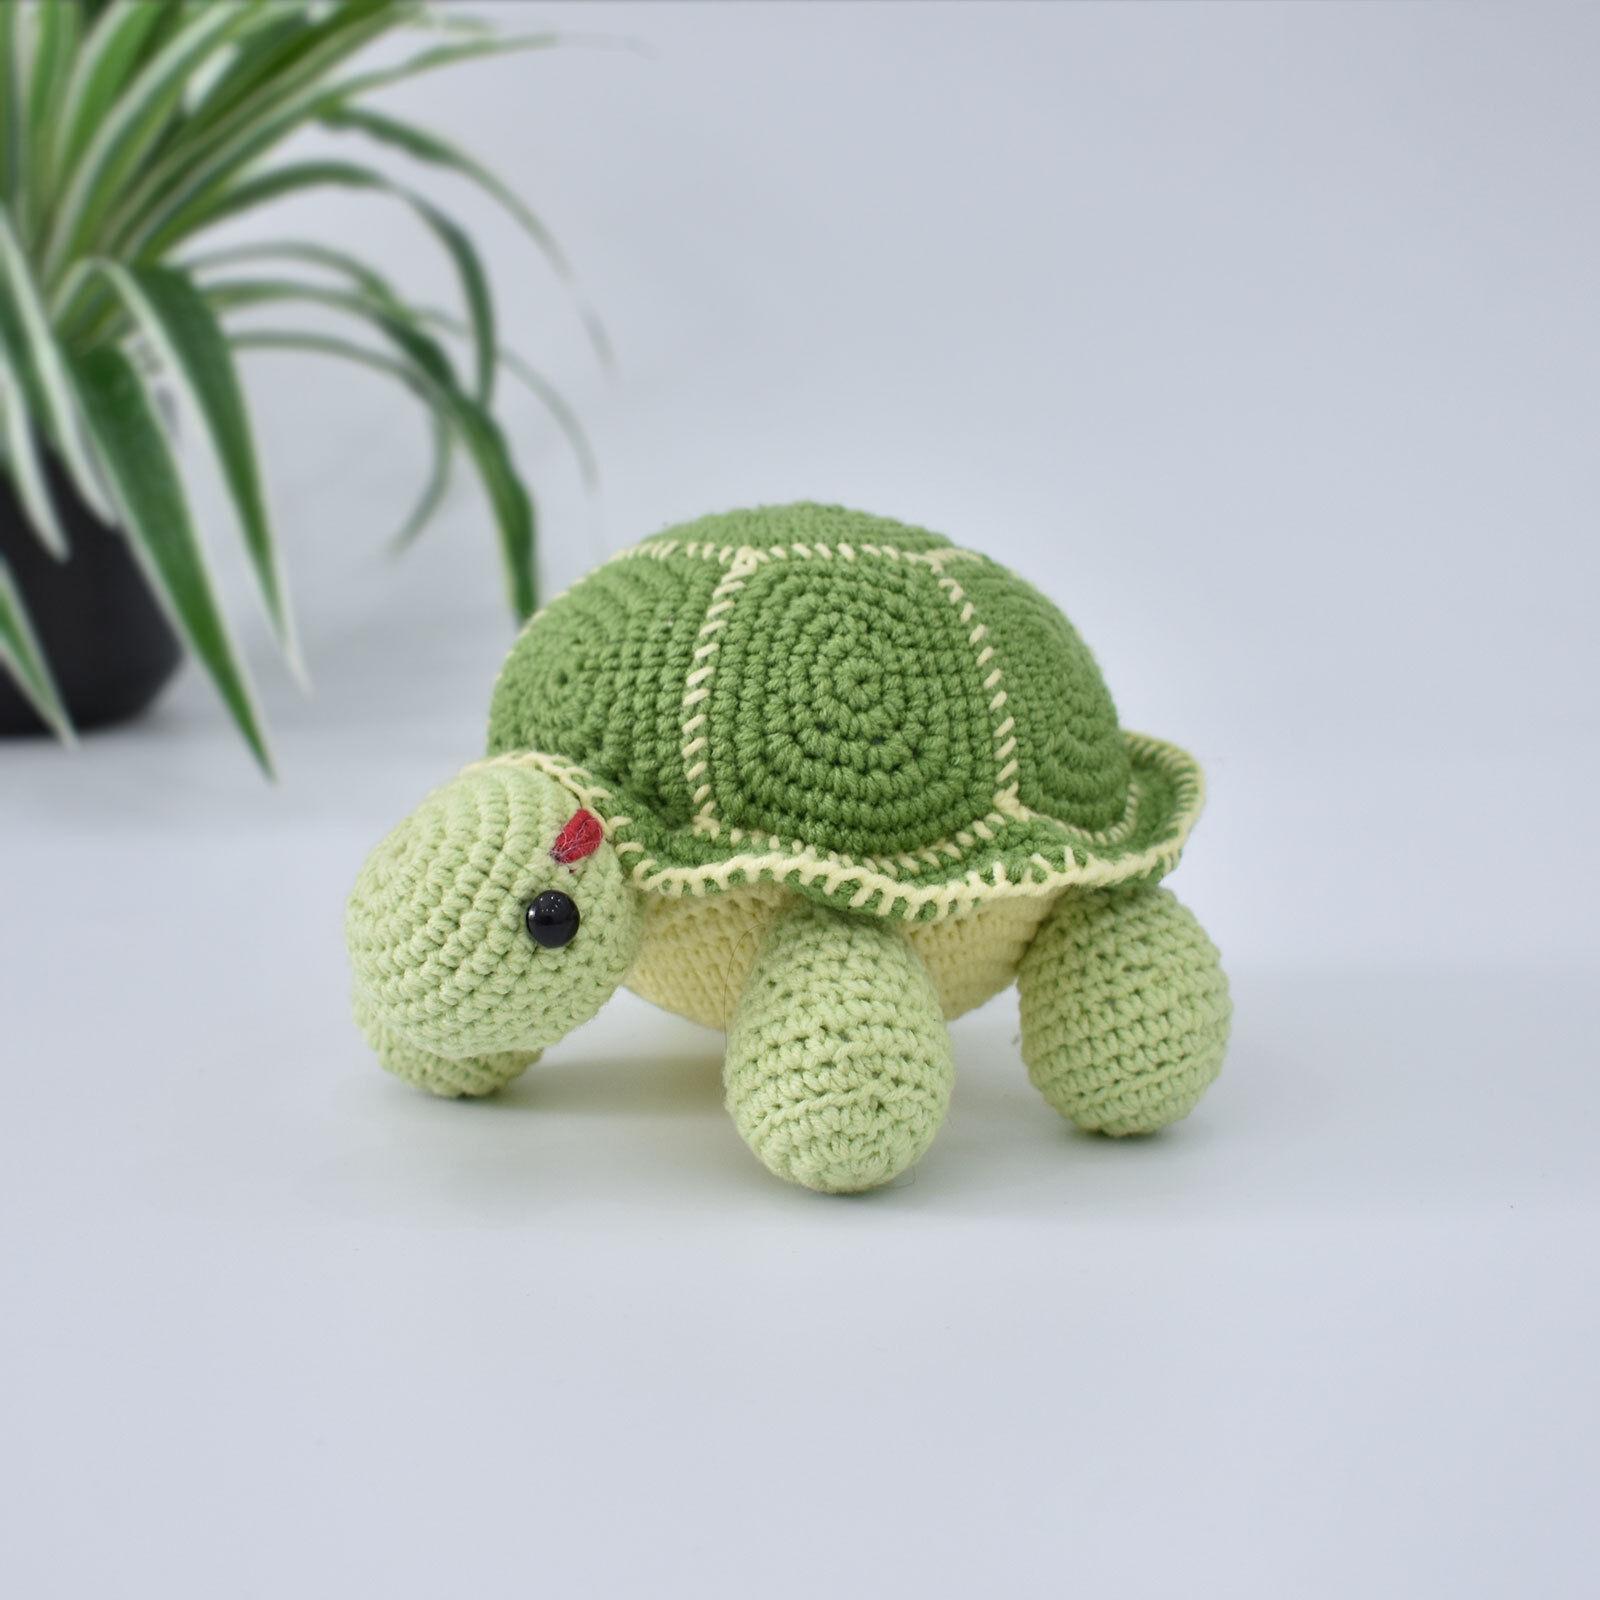 Crochet Blue Striped Turtle